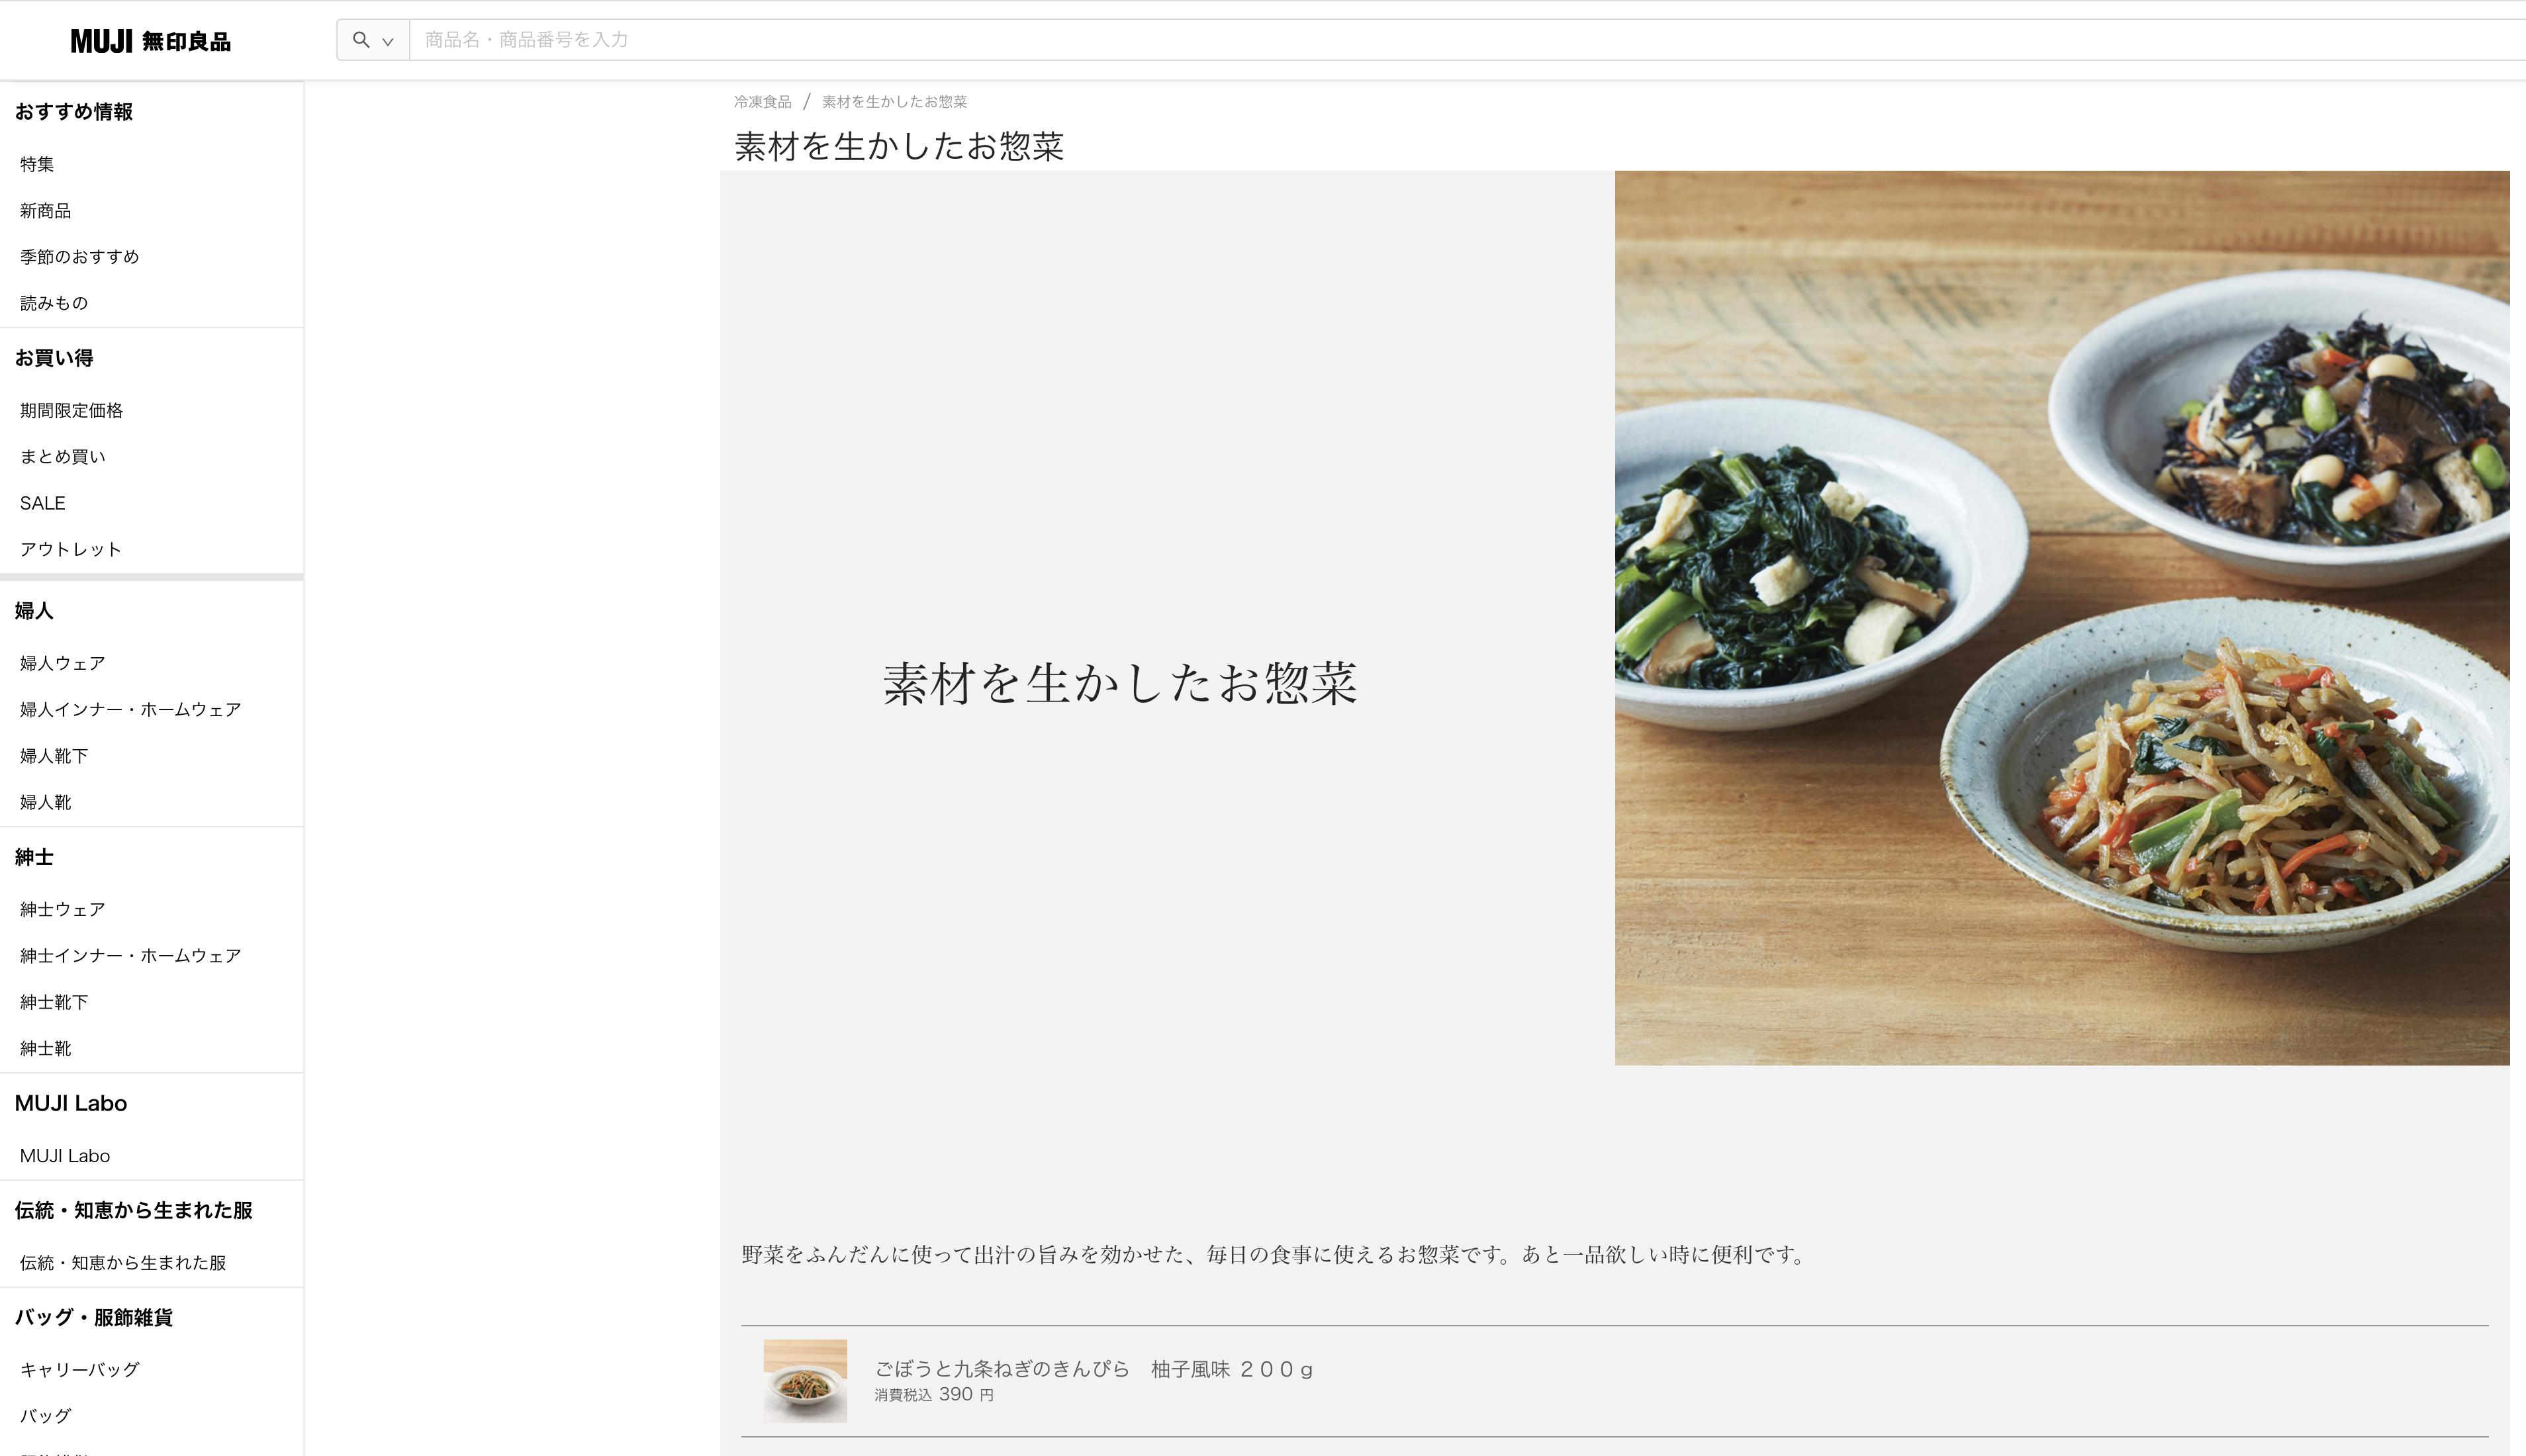 MUJI無印良品のオンラインショップのスクリーンショット